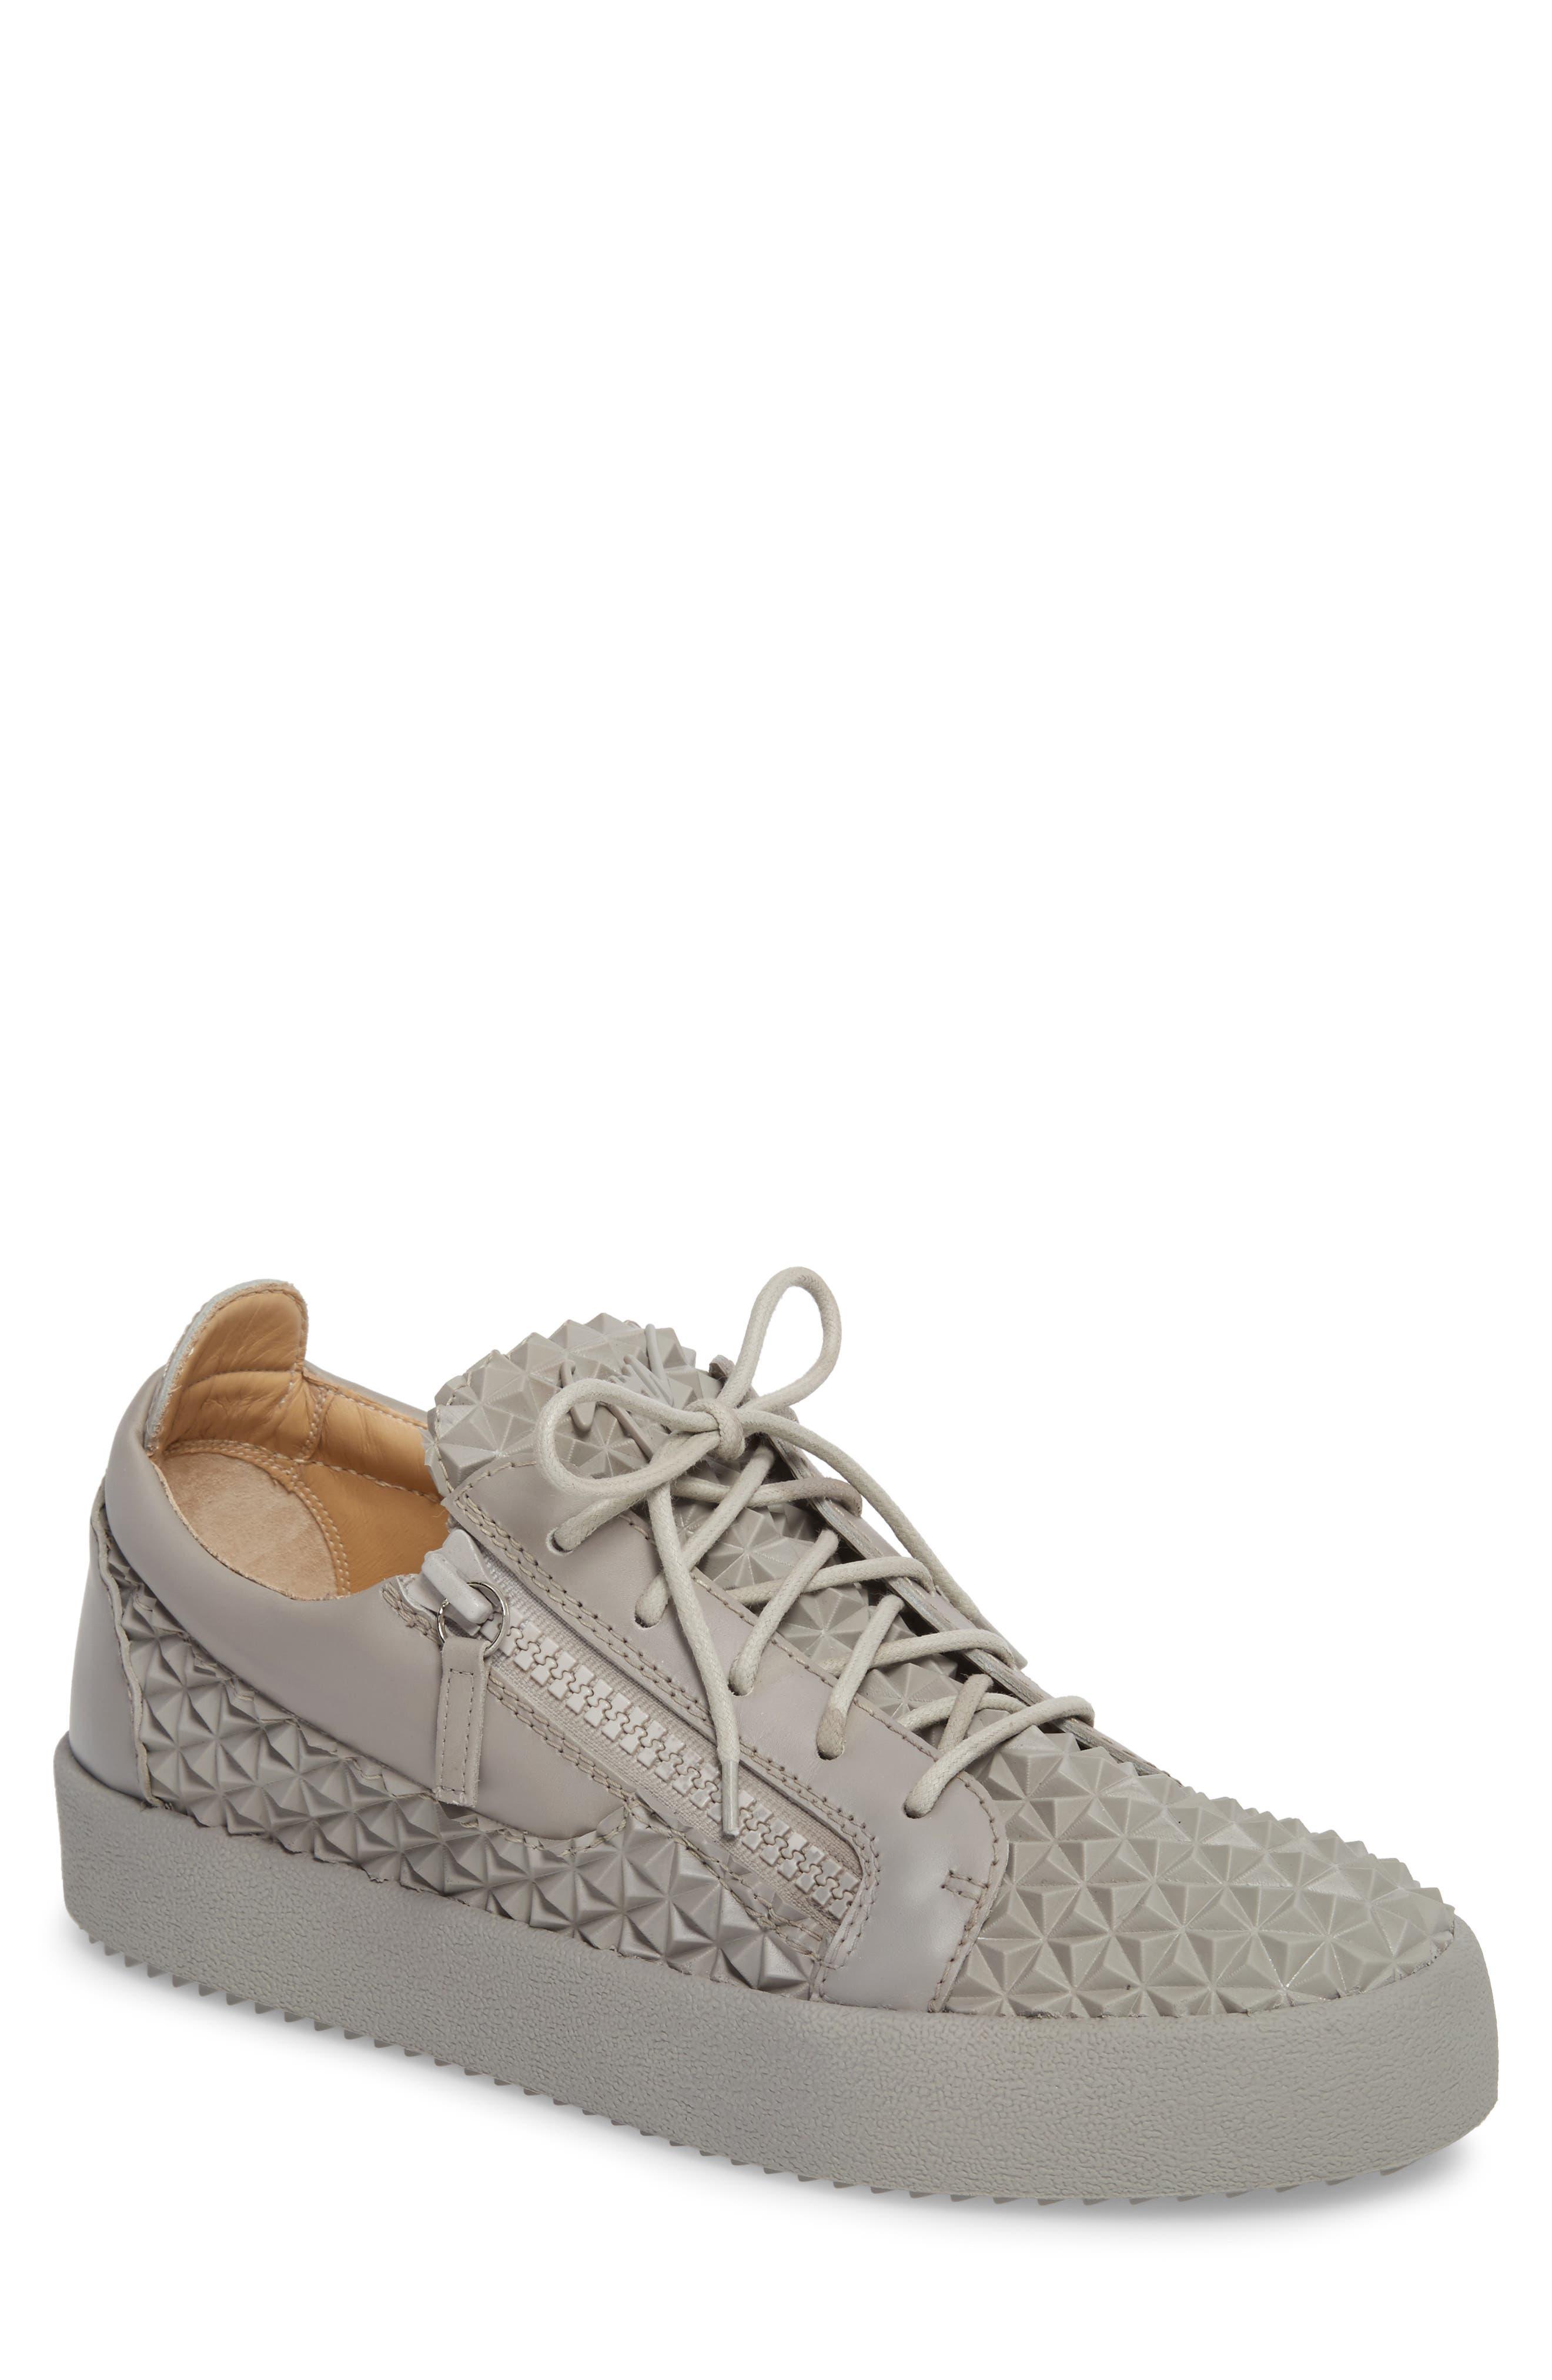 Low Top Sneaker,                             Main thumbnail 1, color,                             Grey